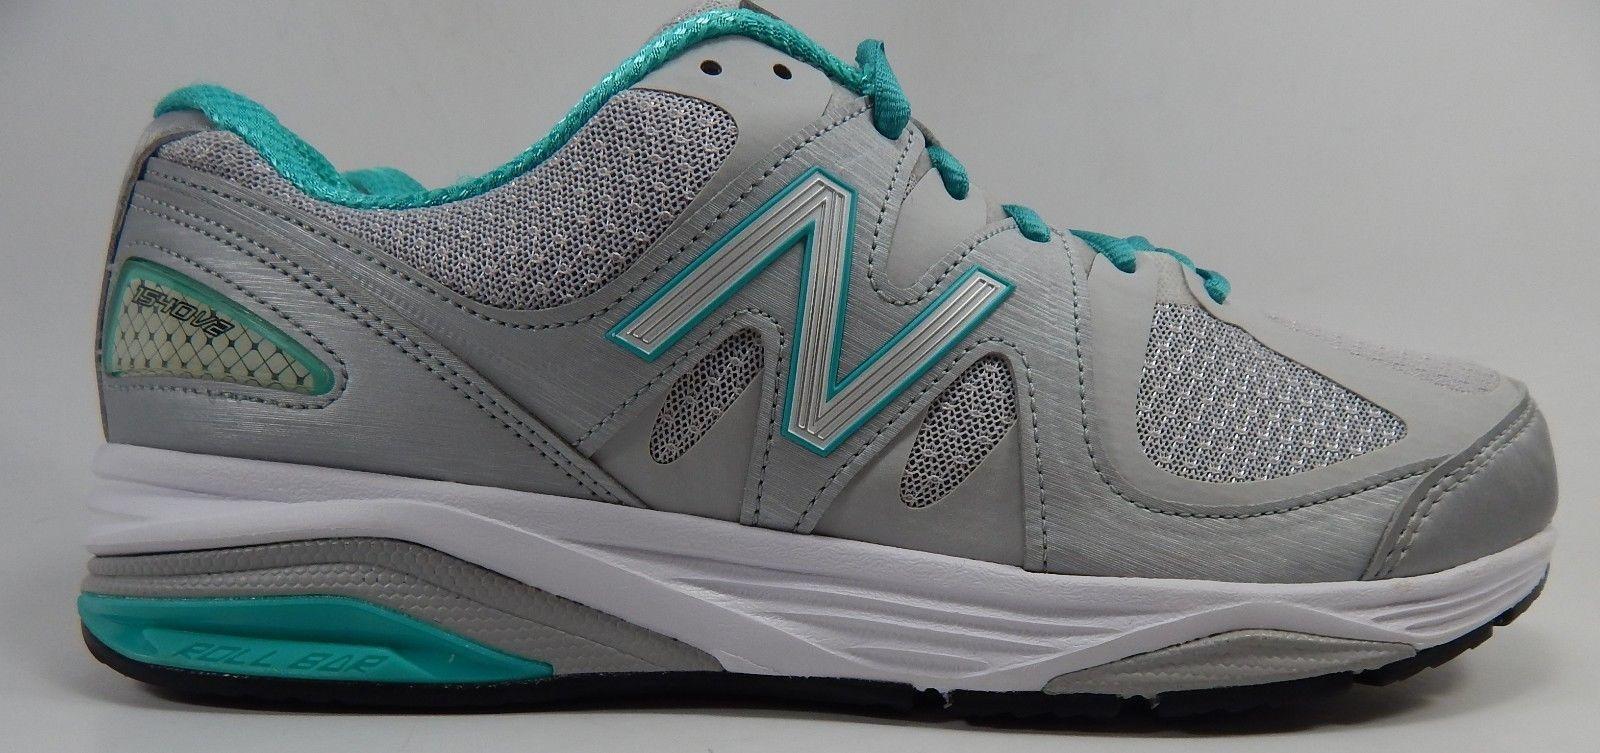 New Balance 1540 v2 Women's Running Shoes Size US 10.5 D WIDE EU 42.5 W1540SG2